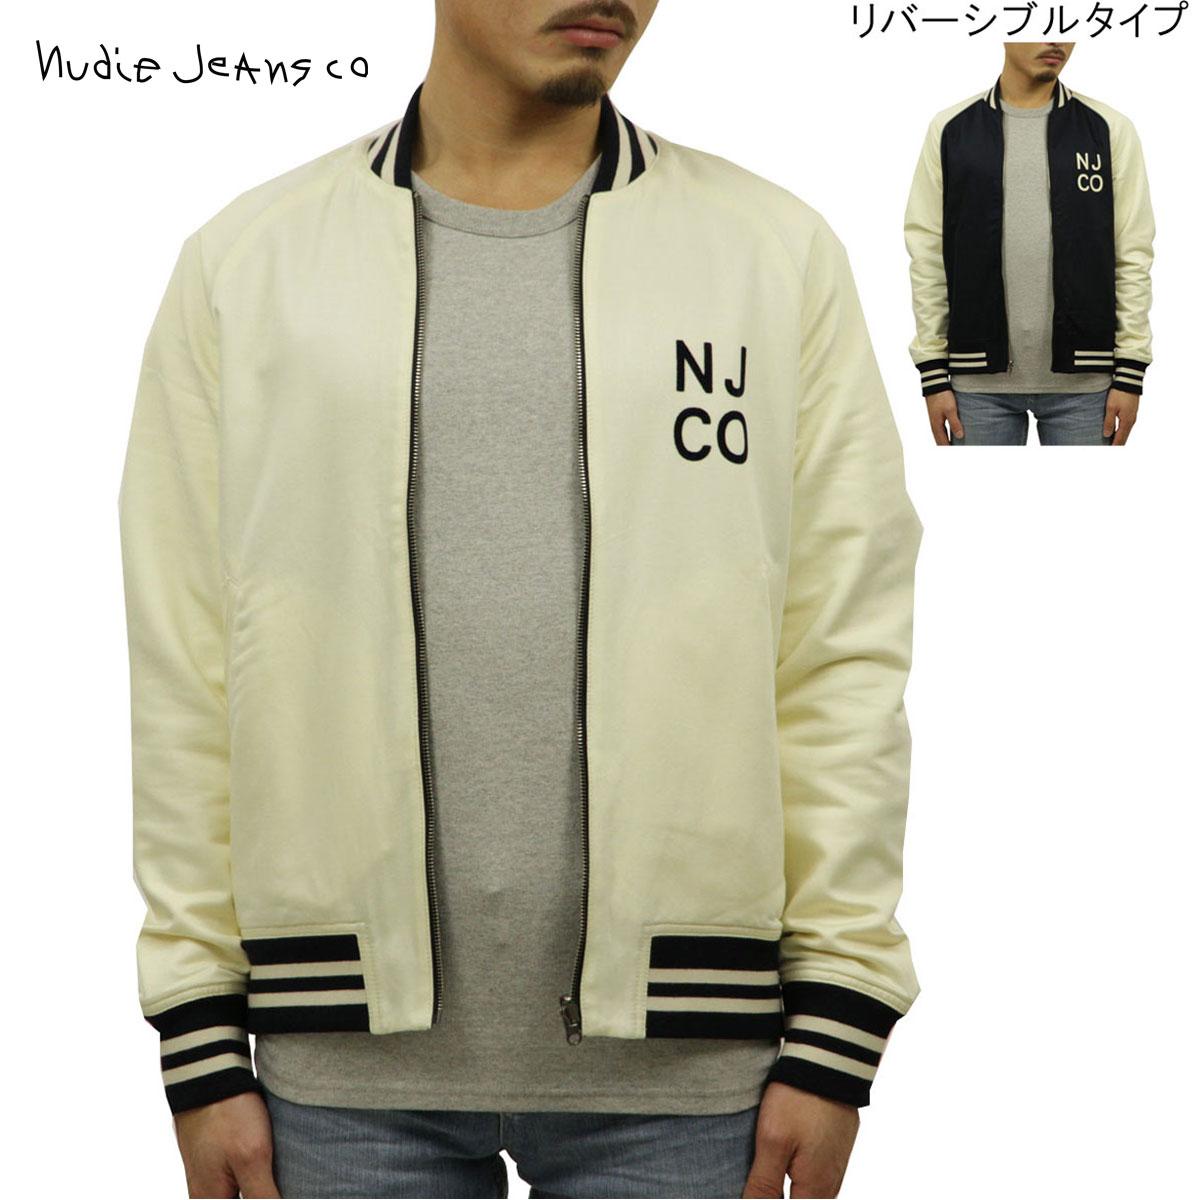 予約商品 6月頃入荷予定 ヌーディージーンズ Nudie Jeans 正規販売店 メンズ アウター スタジアムジャケット スタジャン MARK BASEBALL JACKET OFFWHITE/NAVY W19 160619 5020